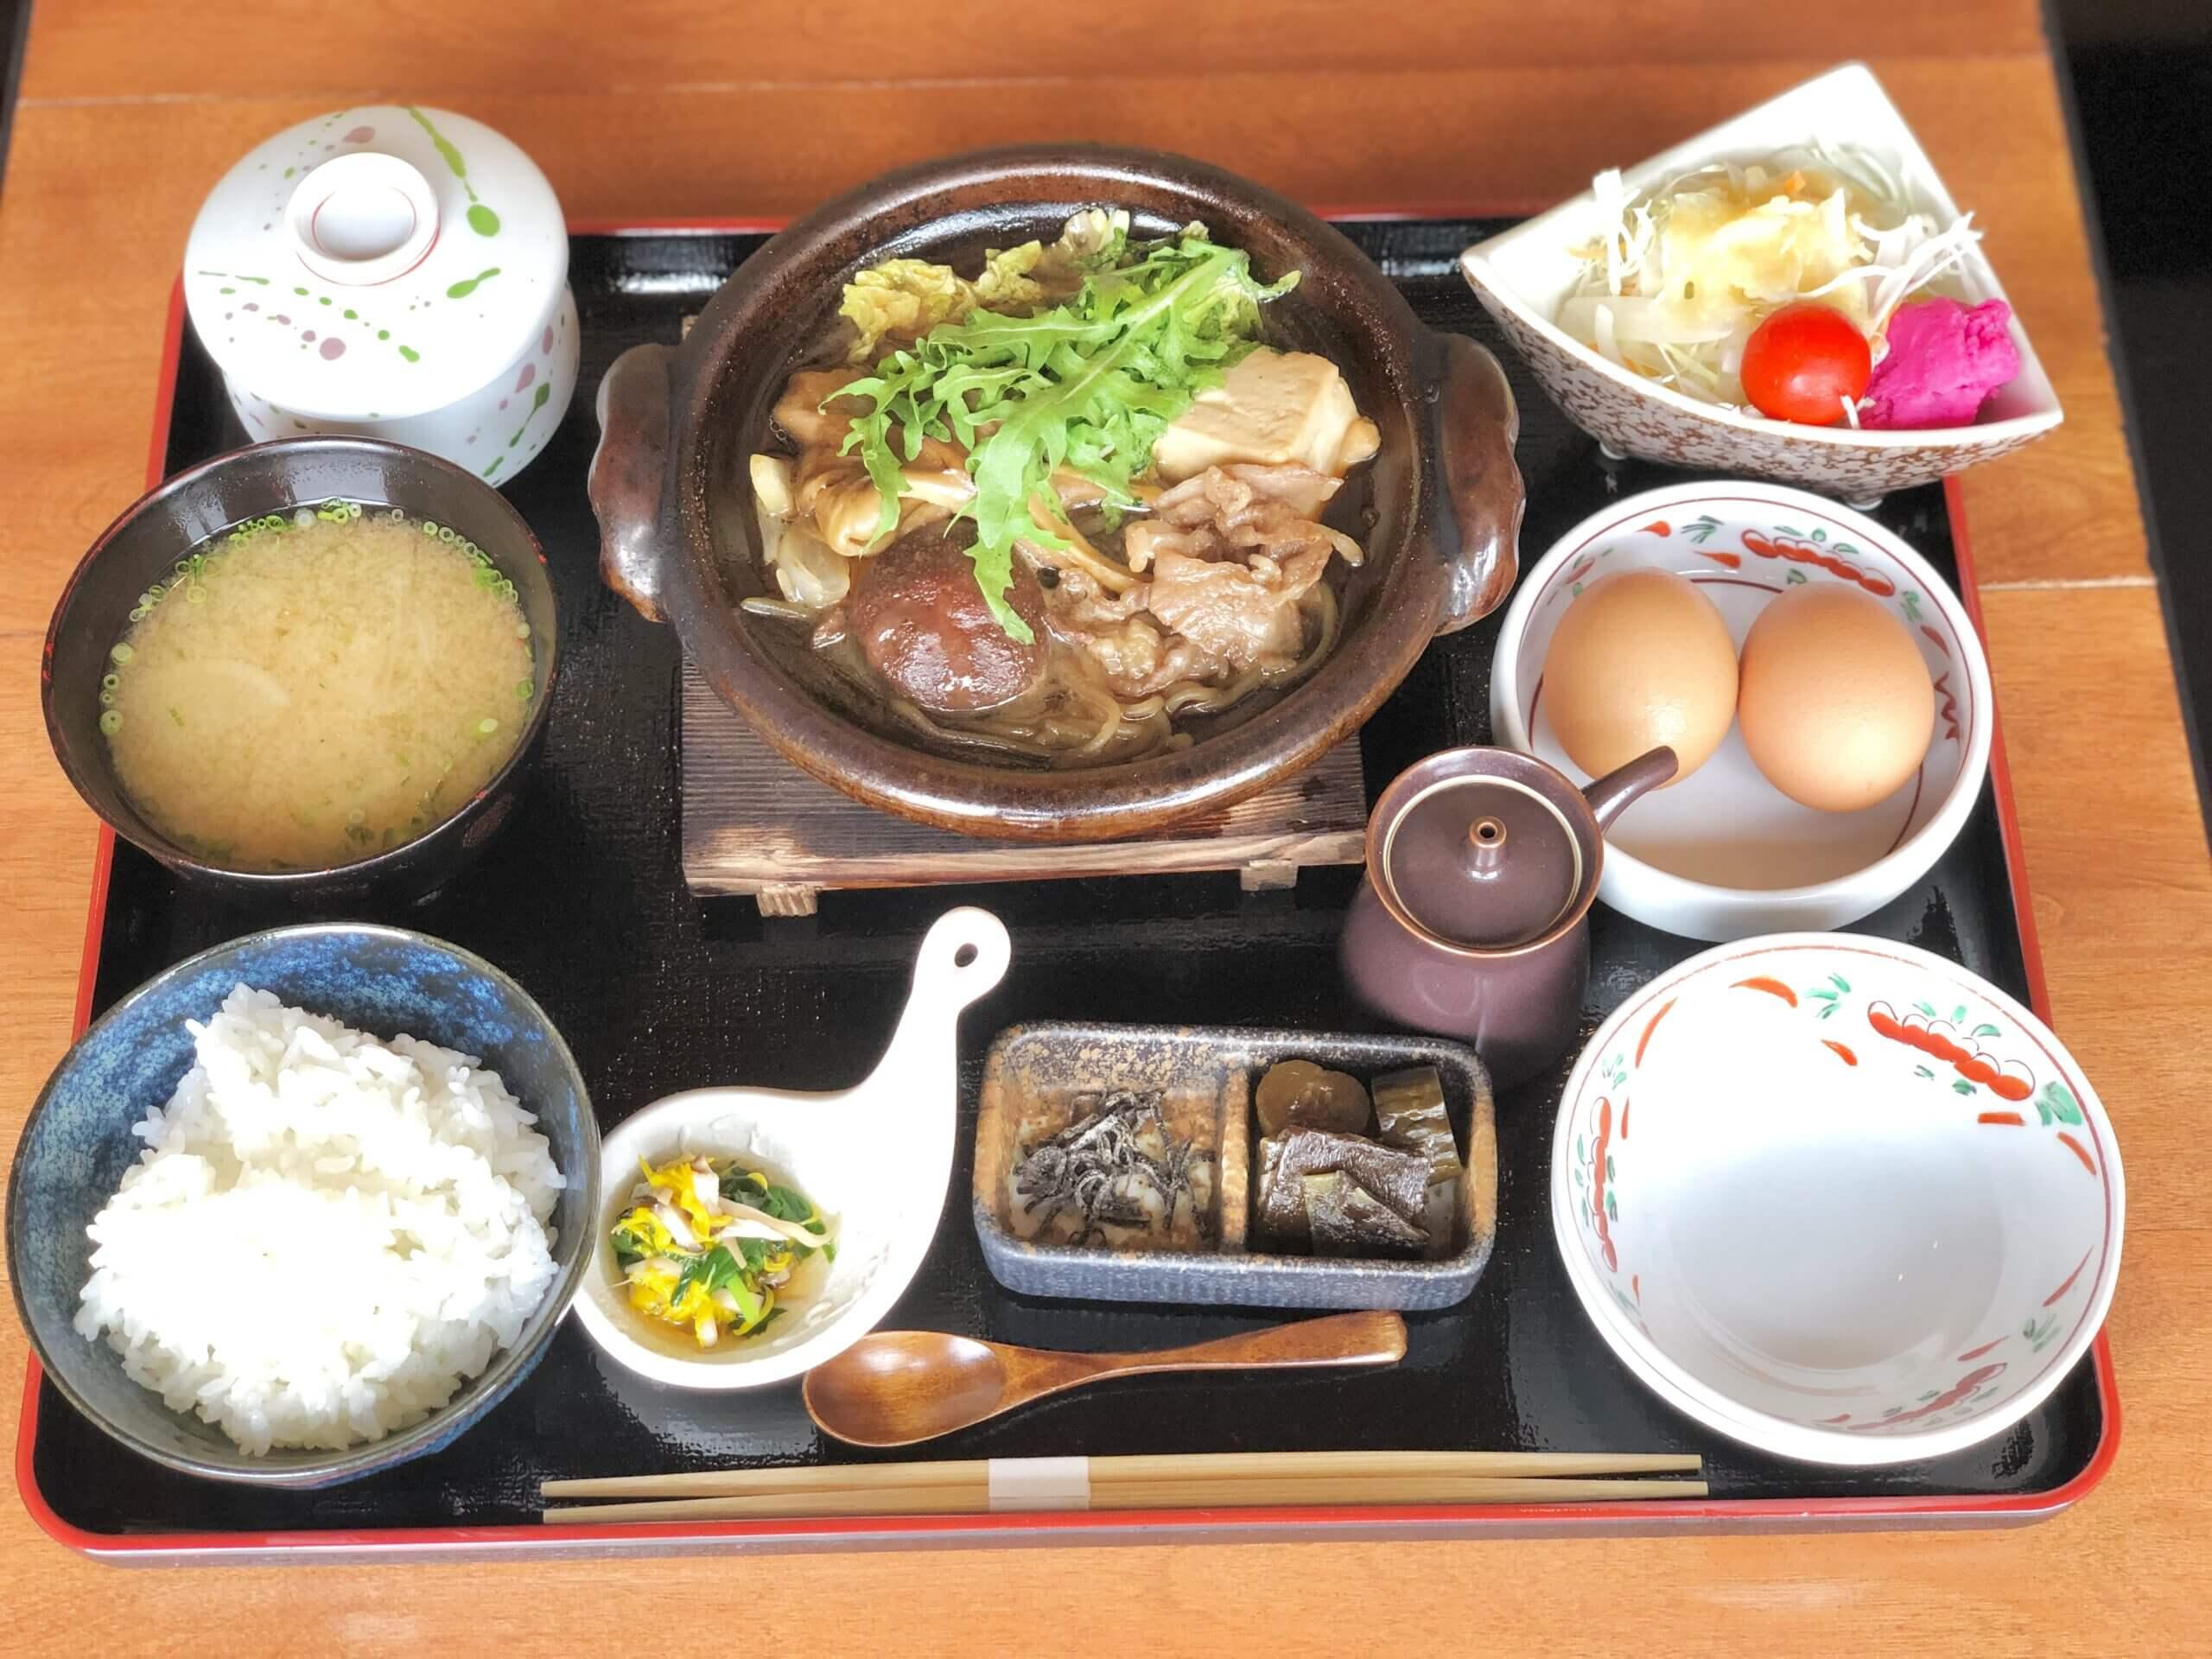 【ひご旬菜 吉しょう – 熊本市中央区下通 – 】無添加調味料にこだわった身体が喜ぶボリューミーランチ